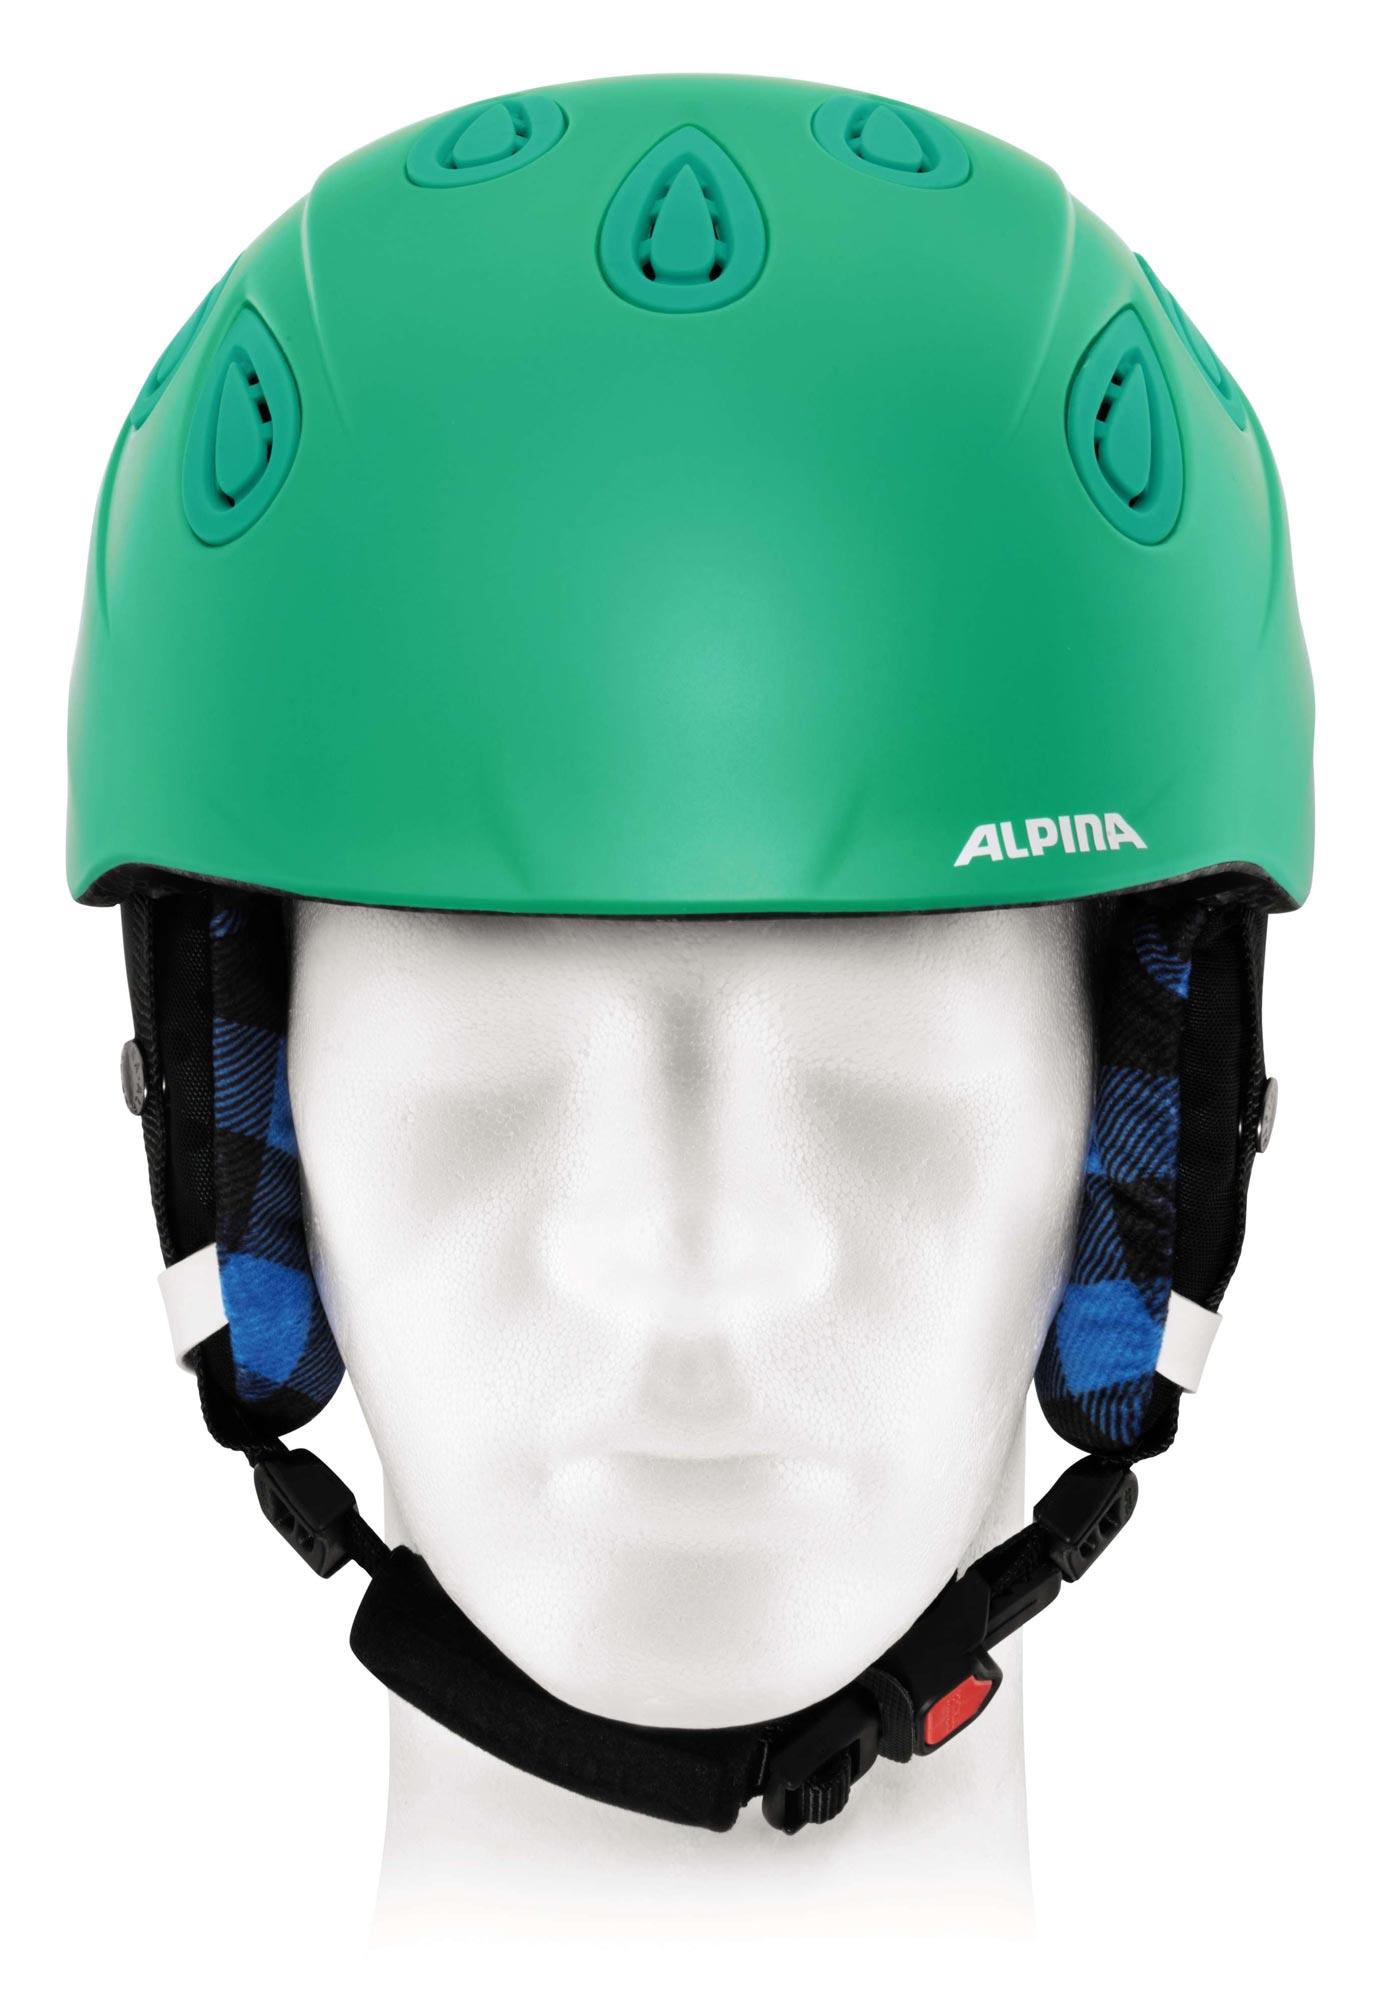 Alpina Grap 2.0 - Allmountain Skihelm - cold green matt - Gr. 54-57